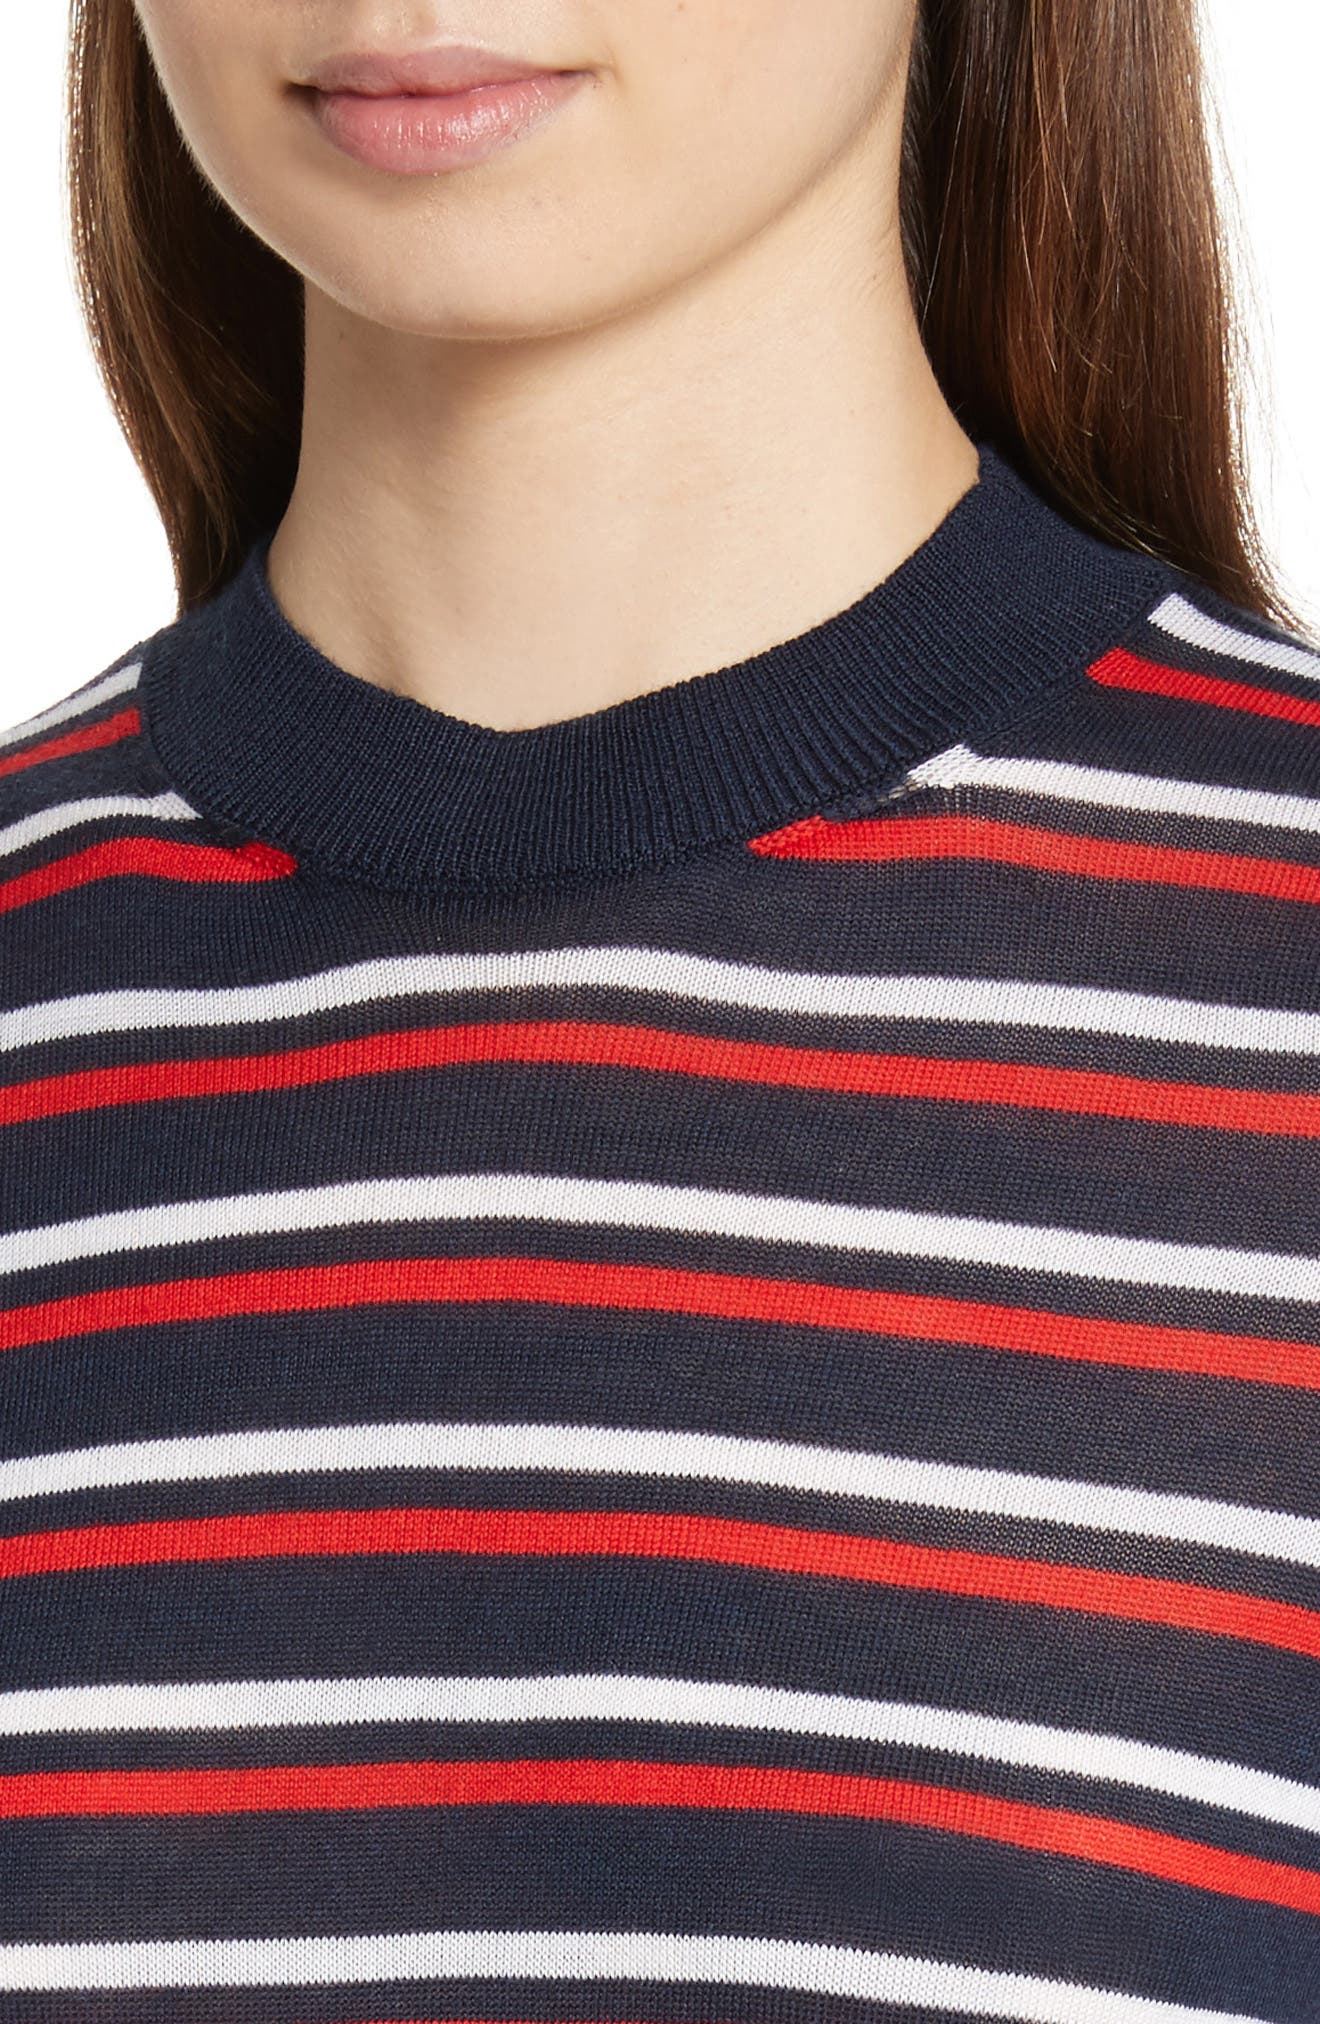 être cécile Stripe Knit Boyfriend Sweater,                             Alternate thumbnail 4, color,                             Marine Blue/ Red/ White